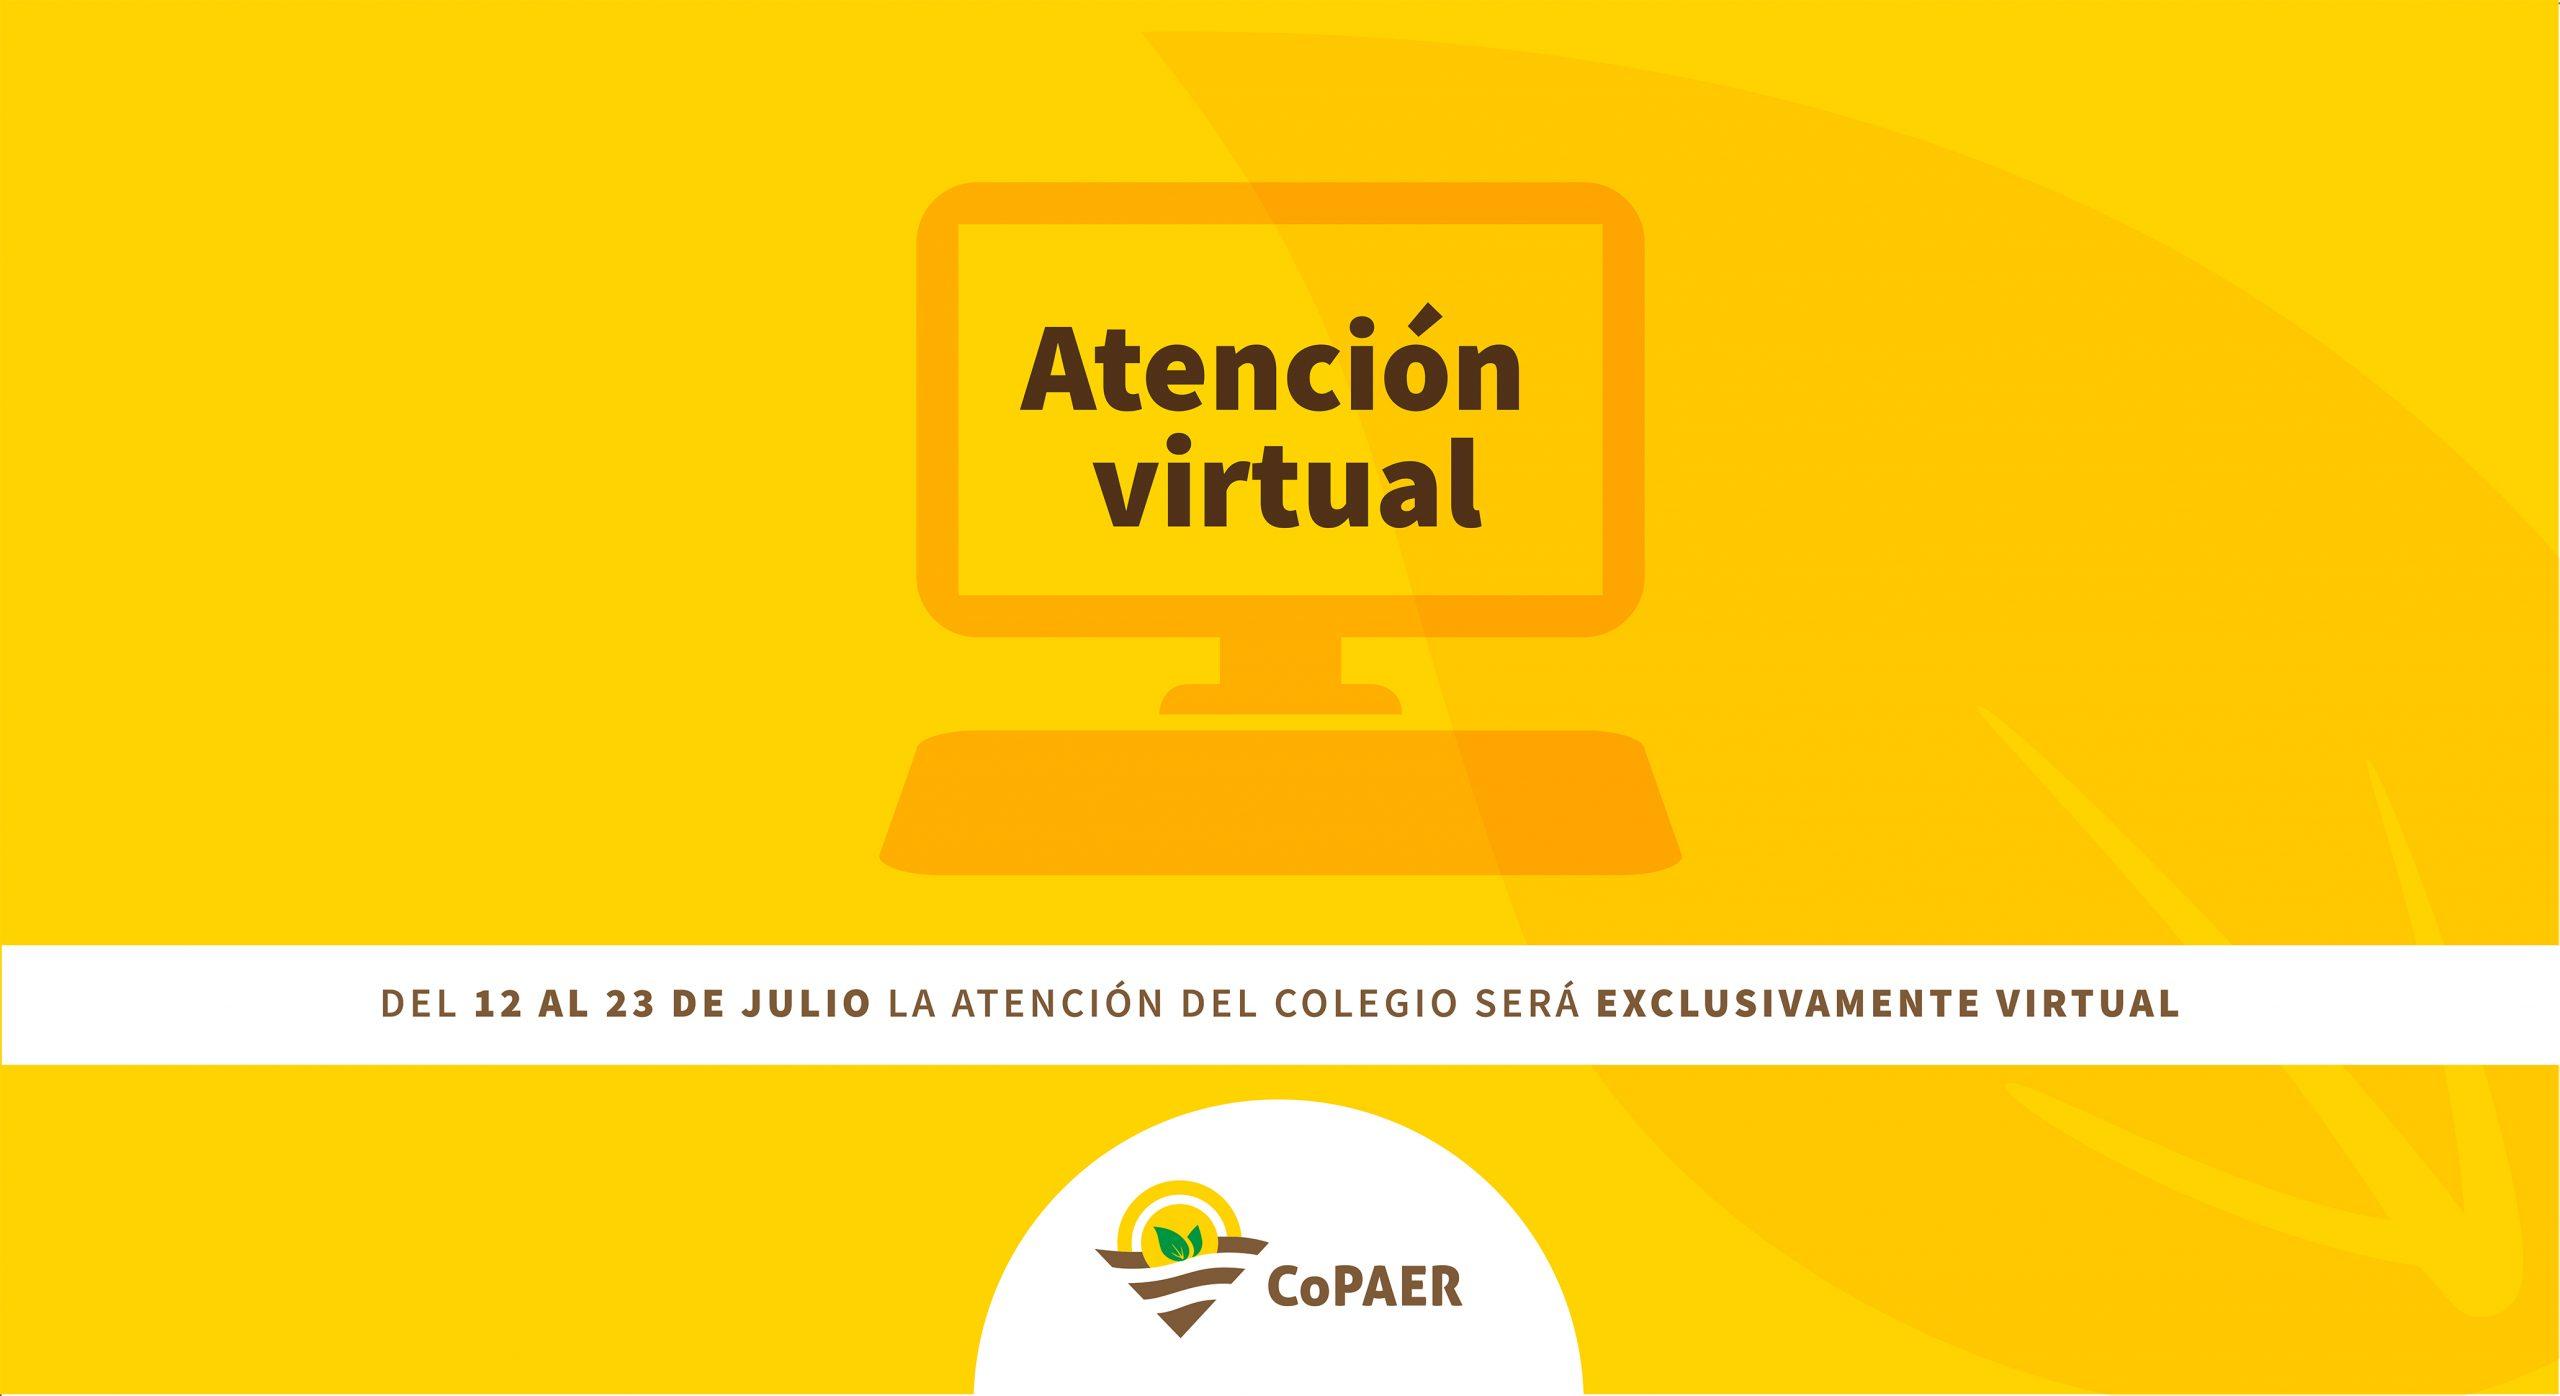 Información importante sobre la atención administrativa